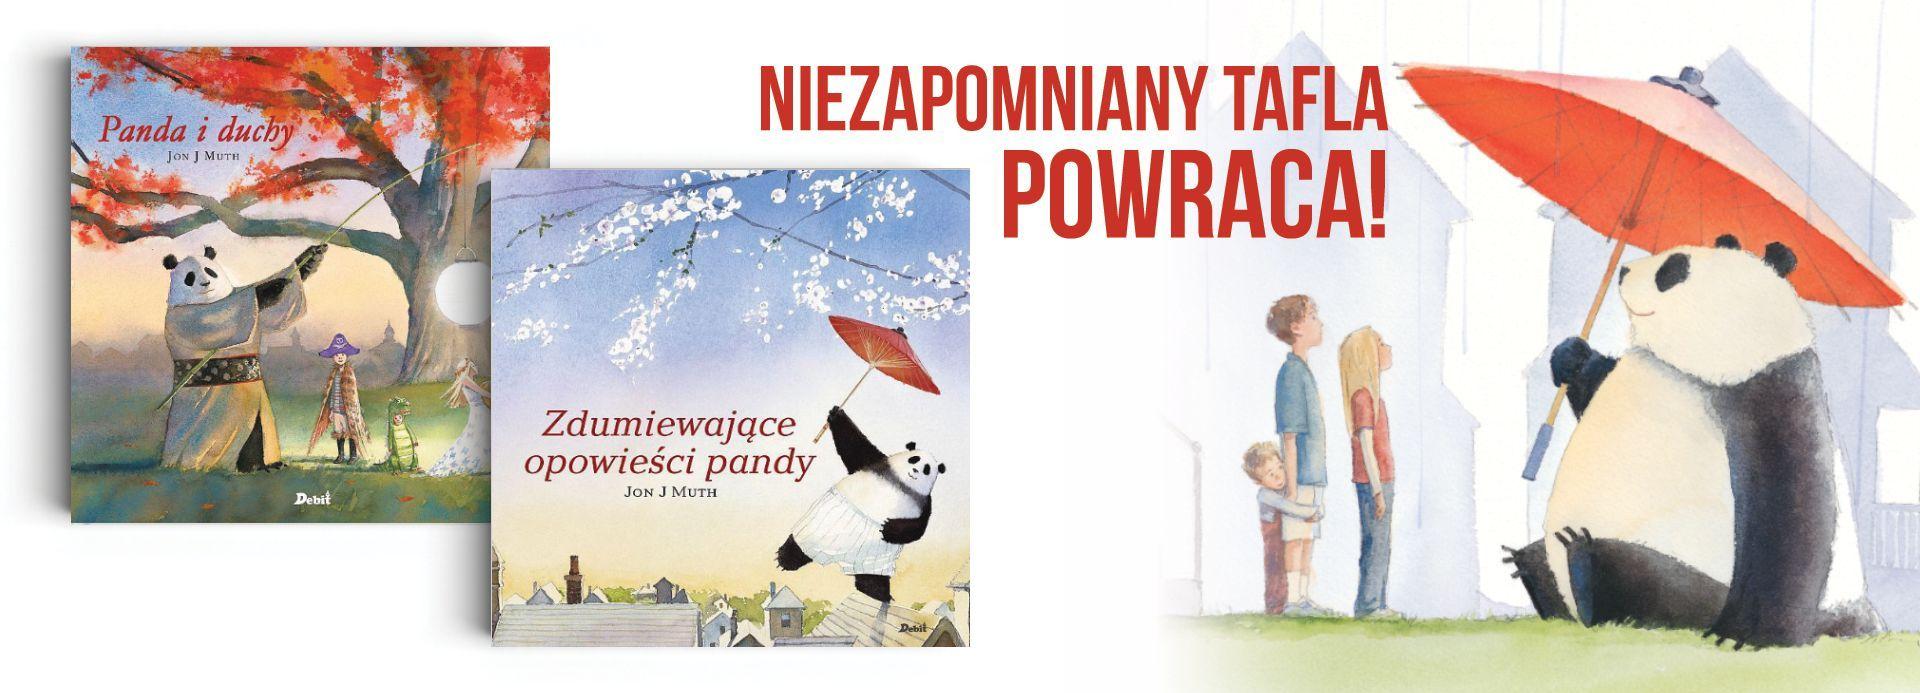 Zdumiewające opowieści pandy książka dla dzieci